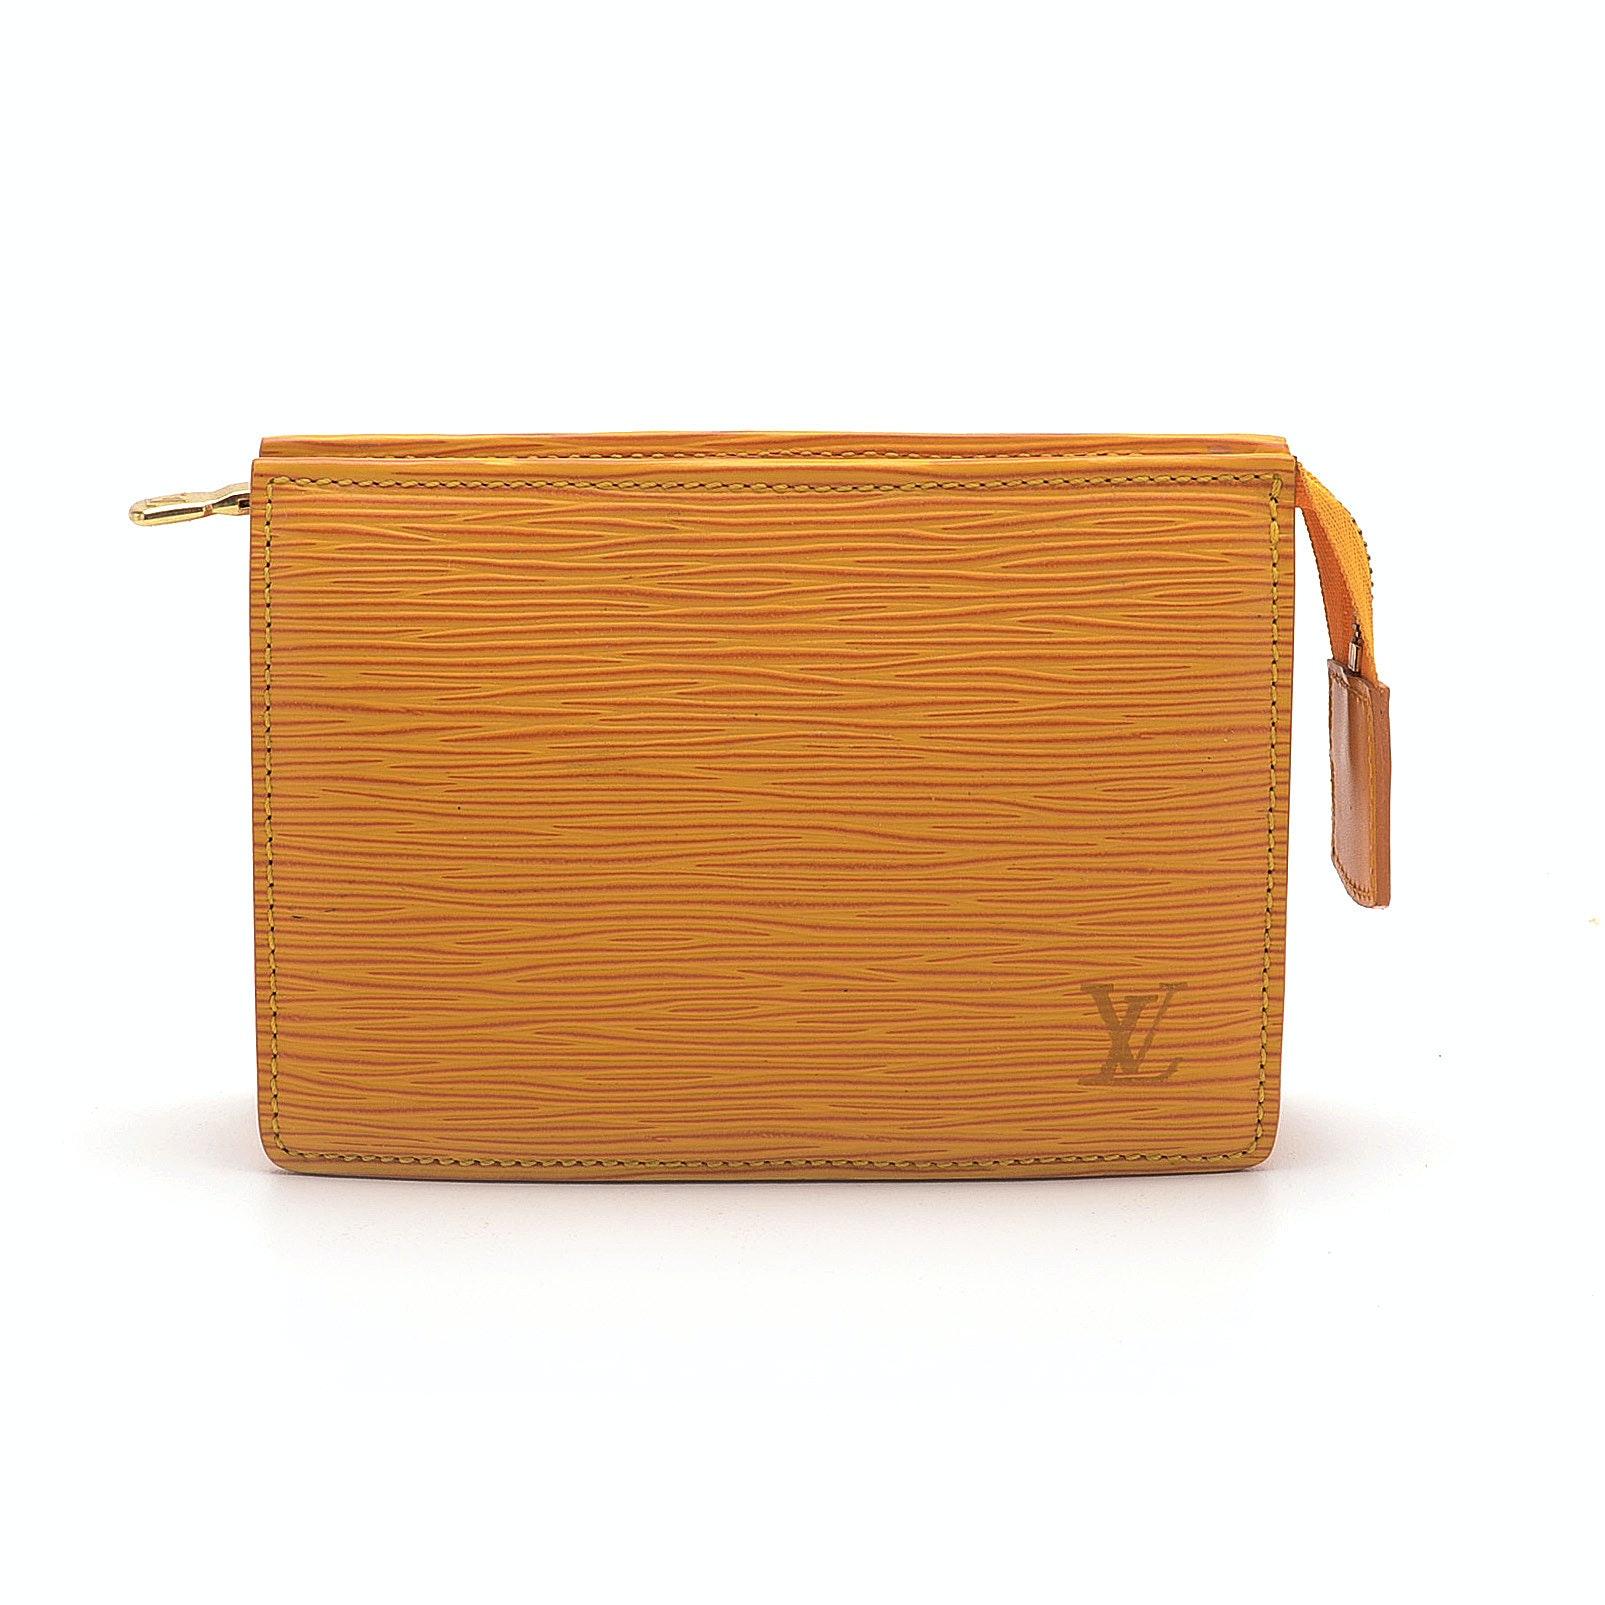 Louis Vuitton Tasili Yellow Epi Leather Small Cosmetic Bag